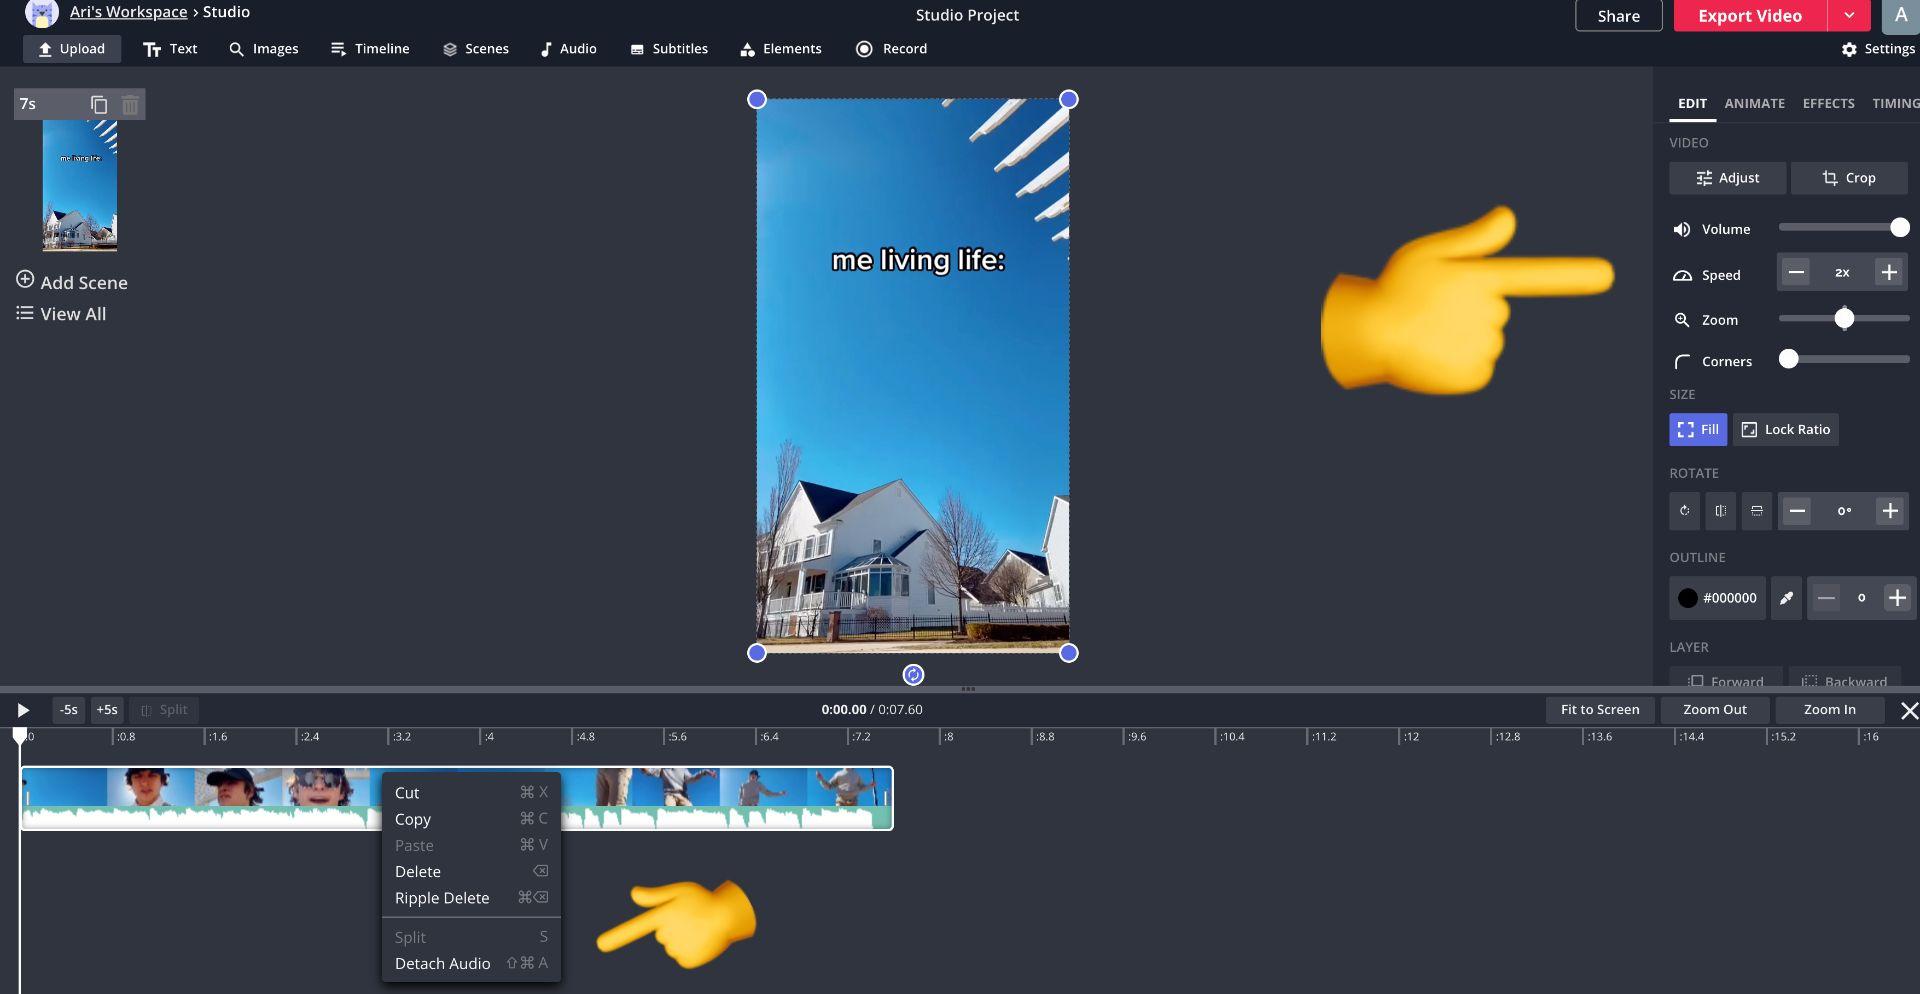 captura de pantalla de un video de TikTok en el estudio Kapwing con emojis apuntando al cambiador de velocidad y desconectando el audio